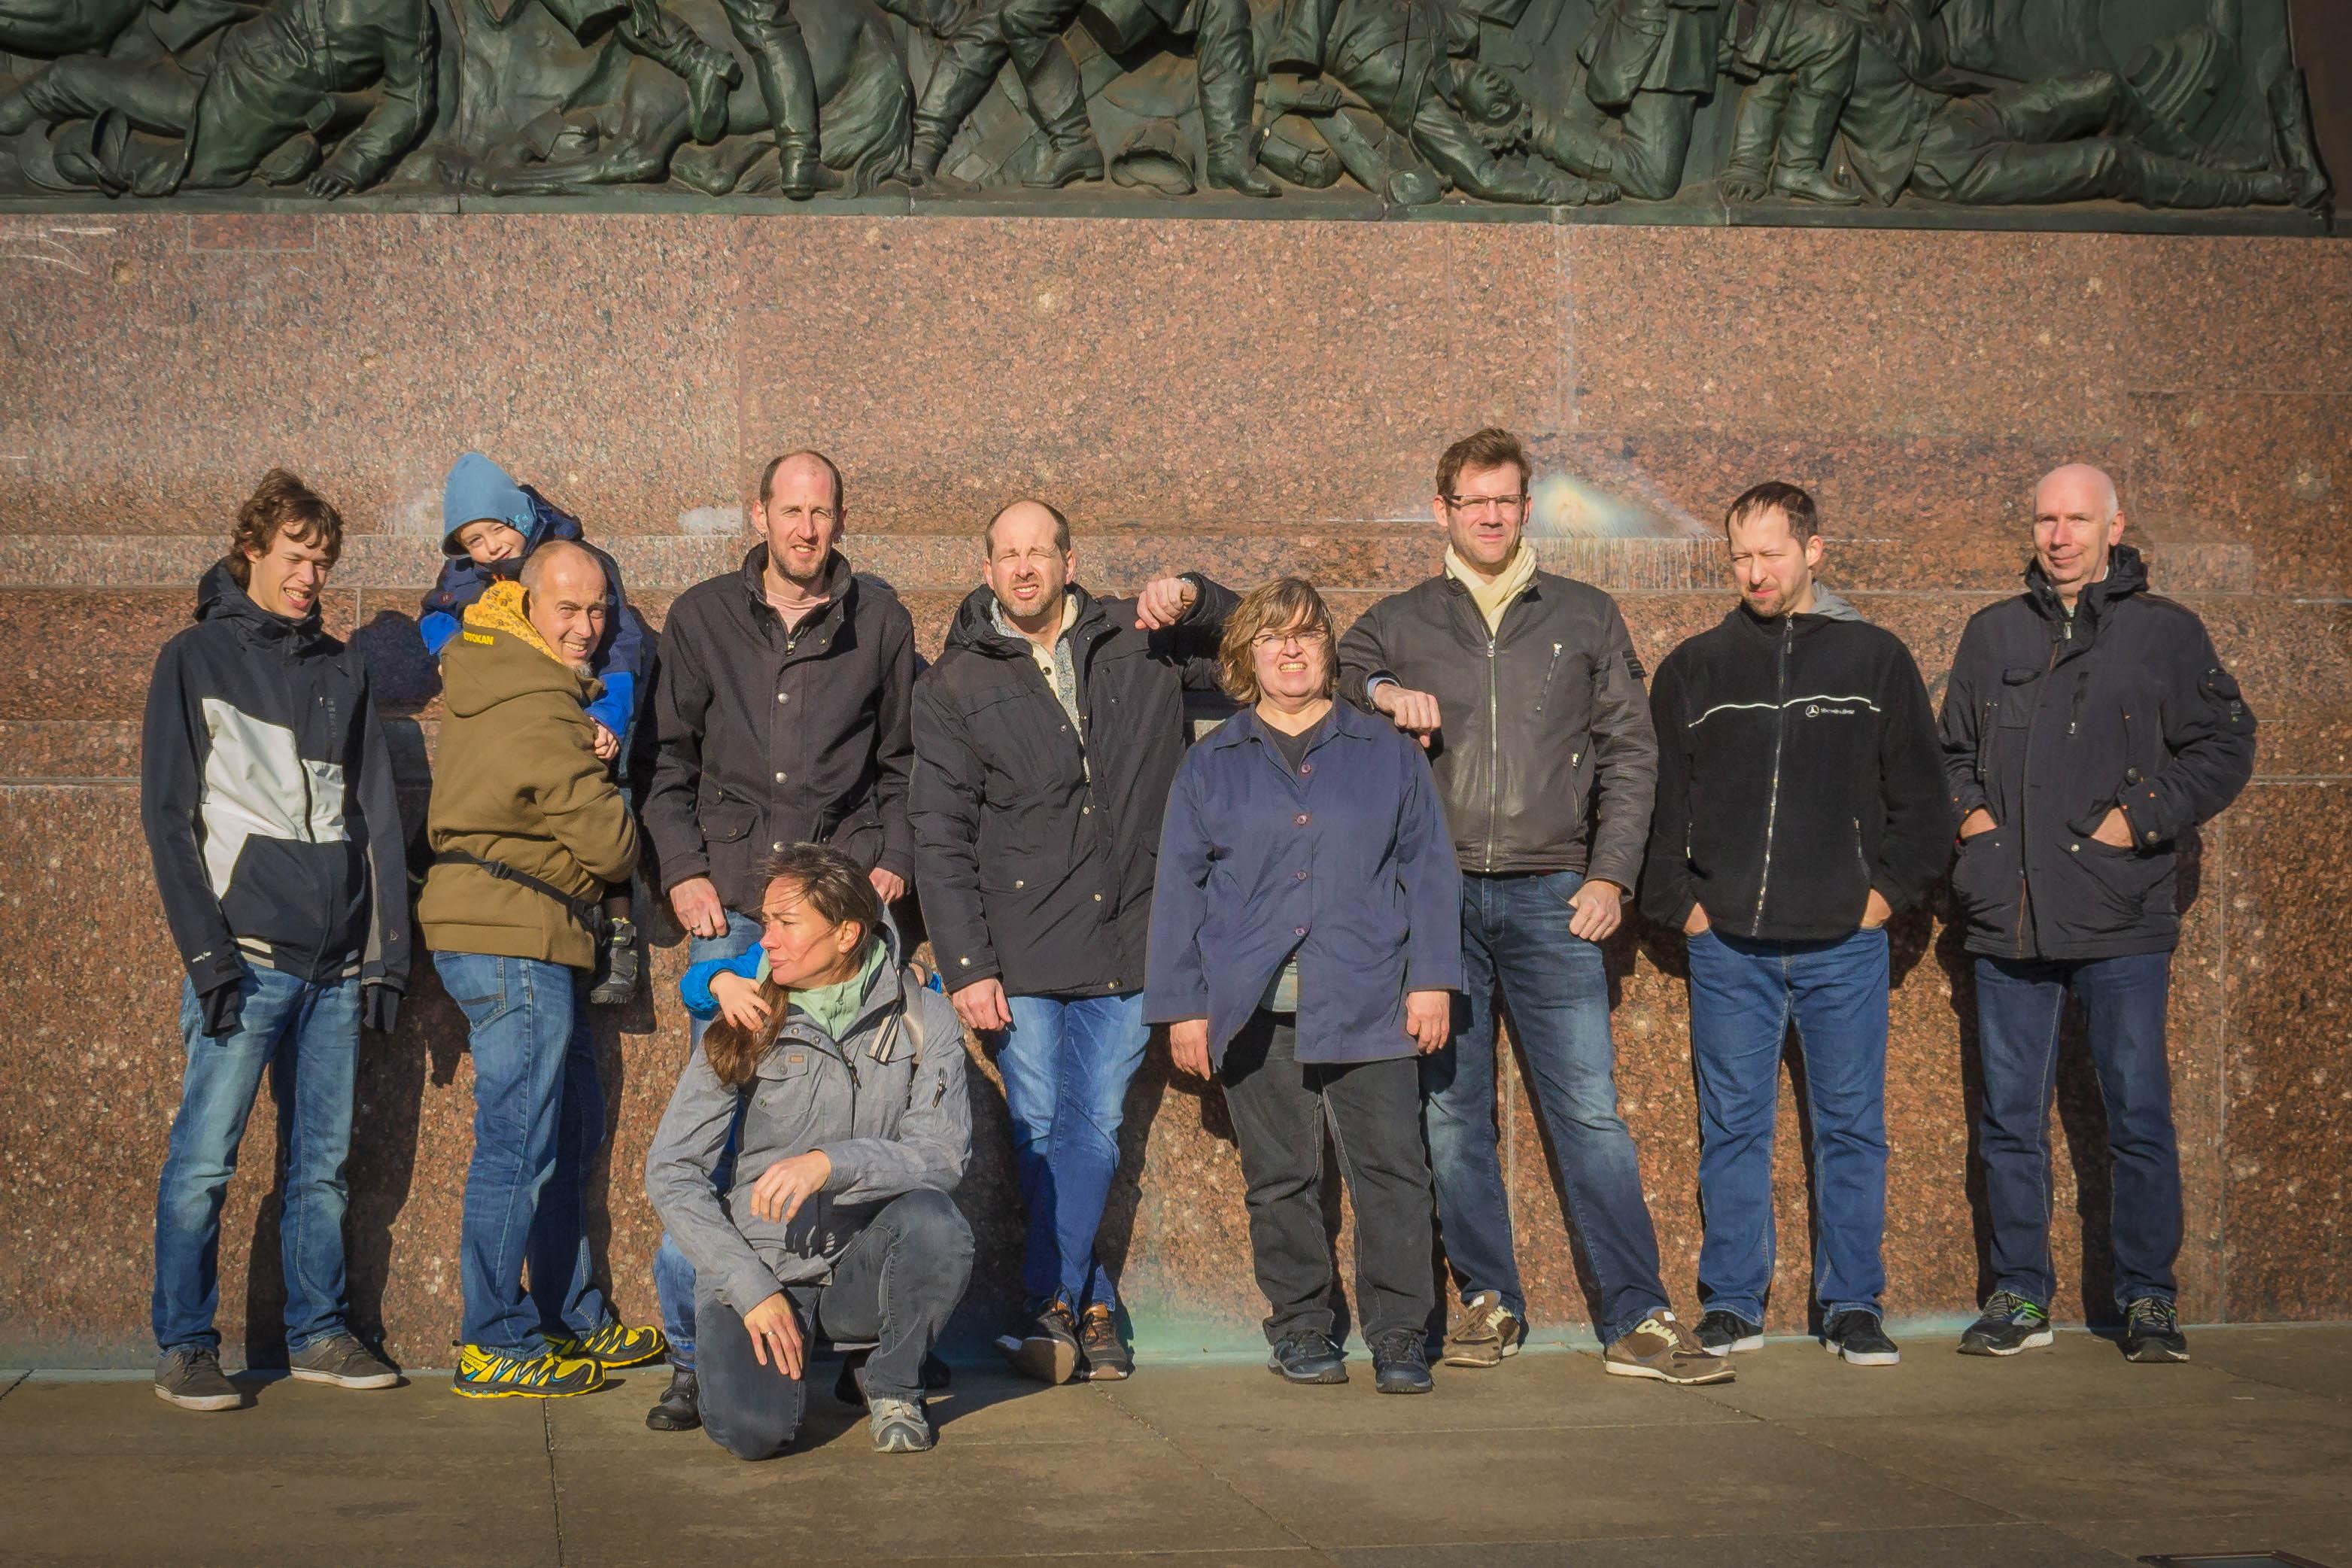 Lehrgang bei E. Karamitsos 17.11.18 in Berlin